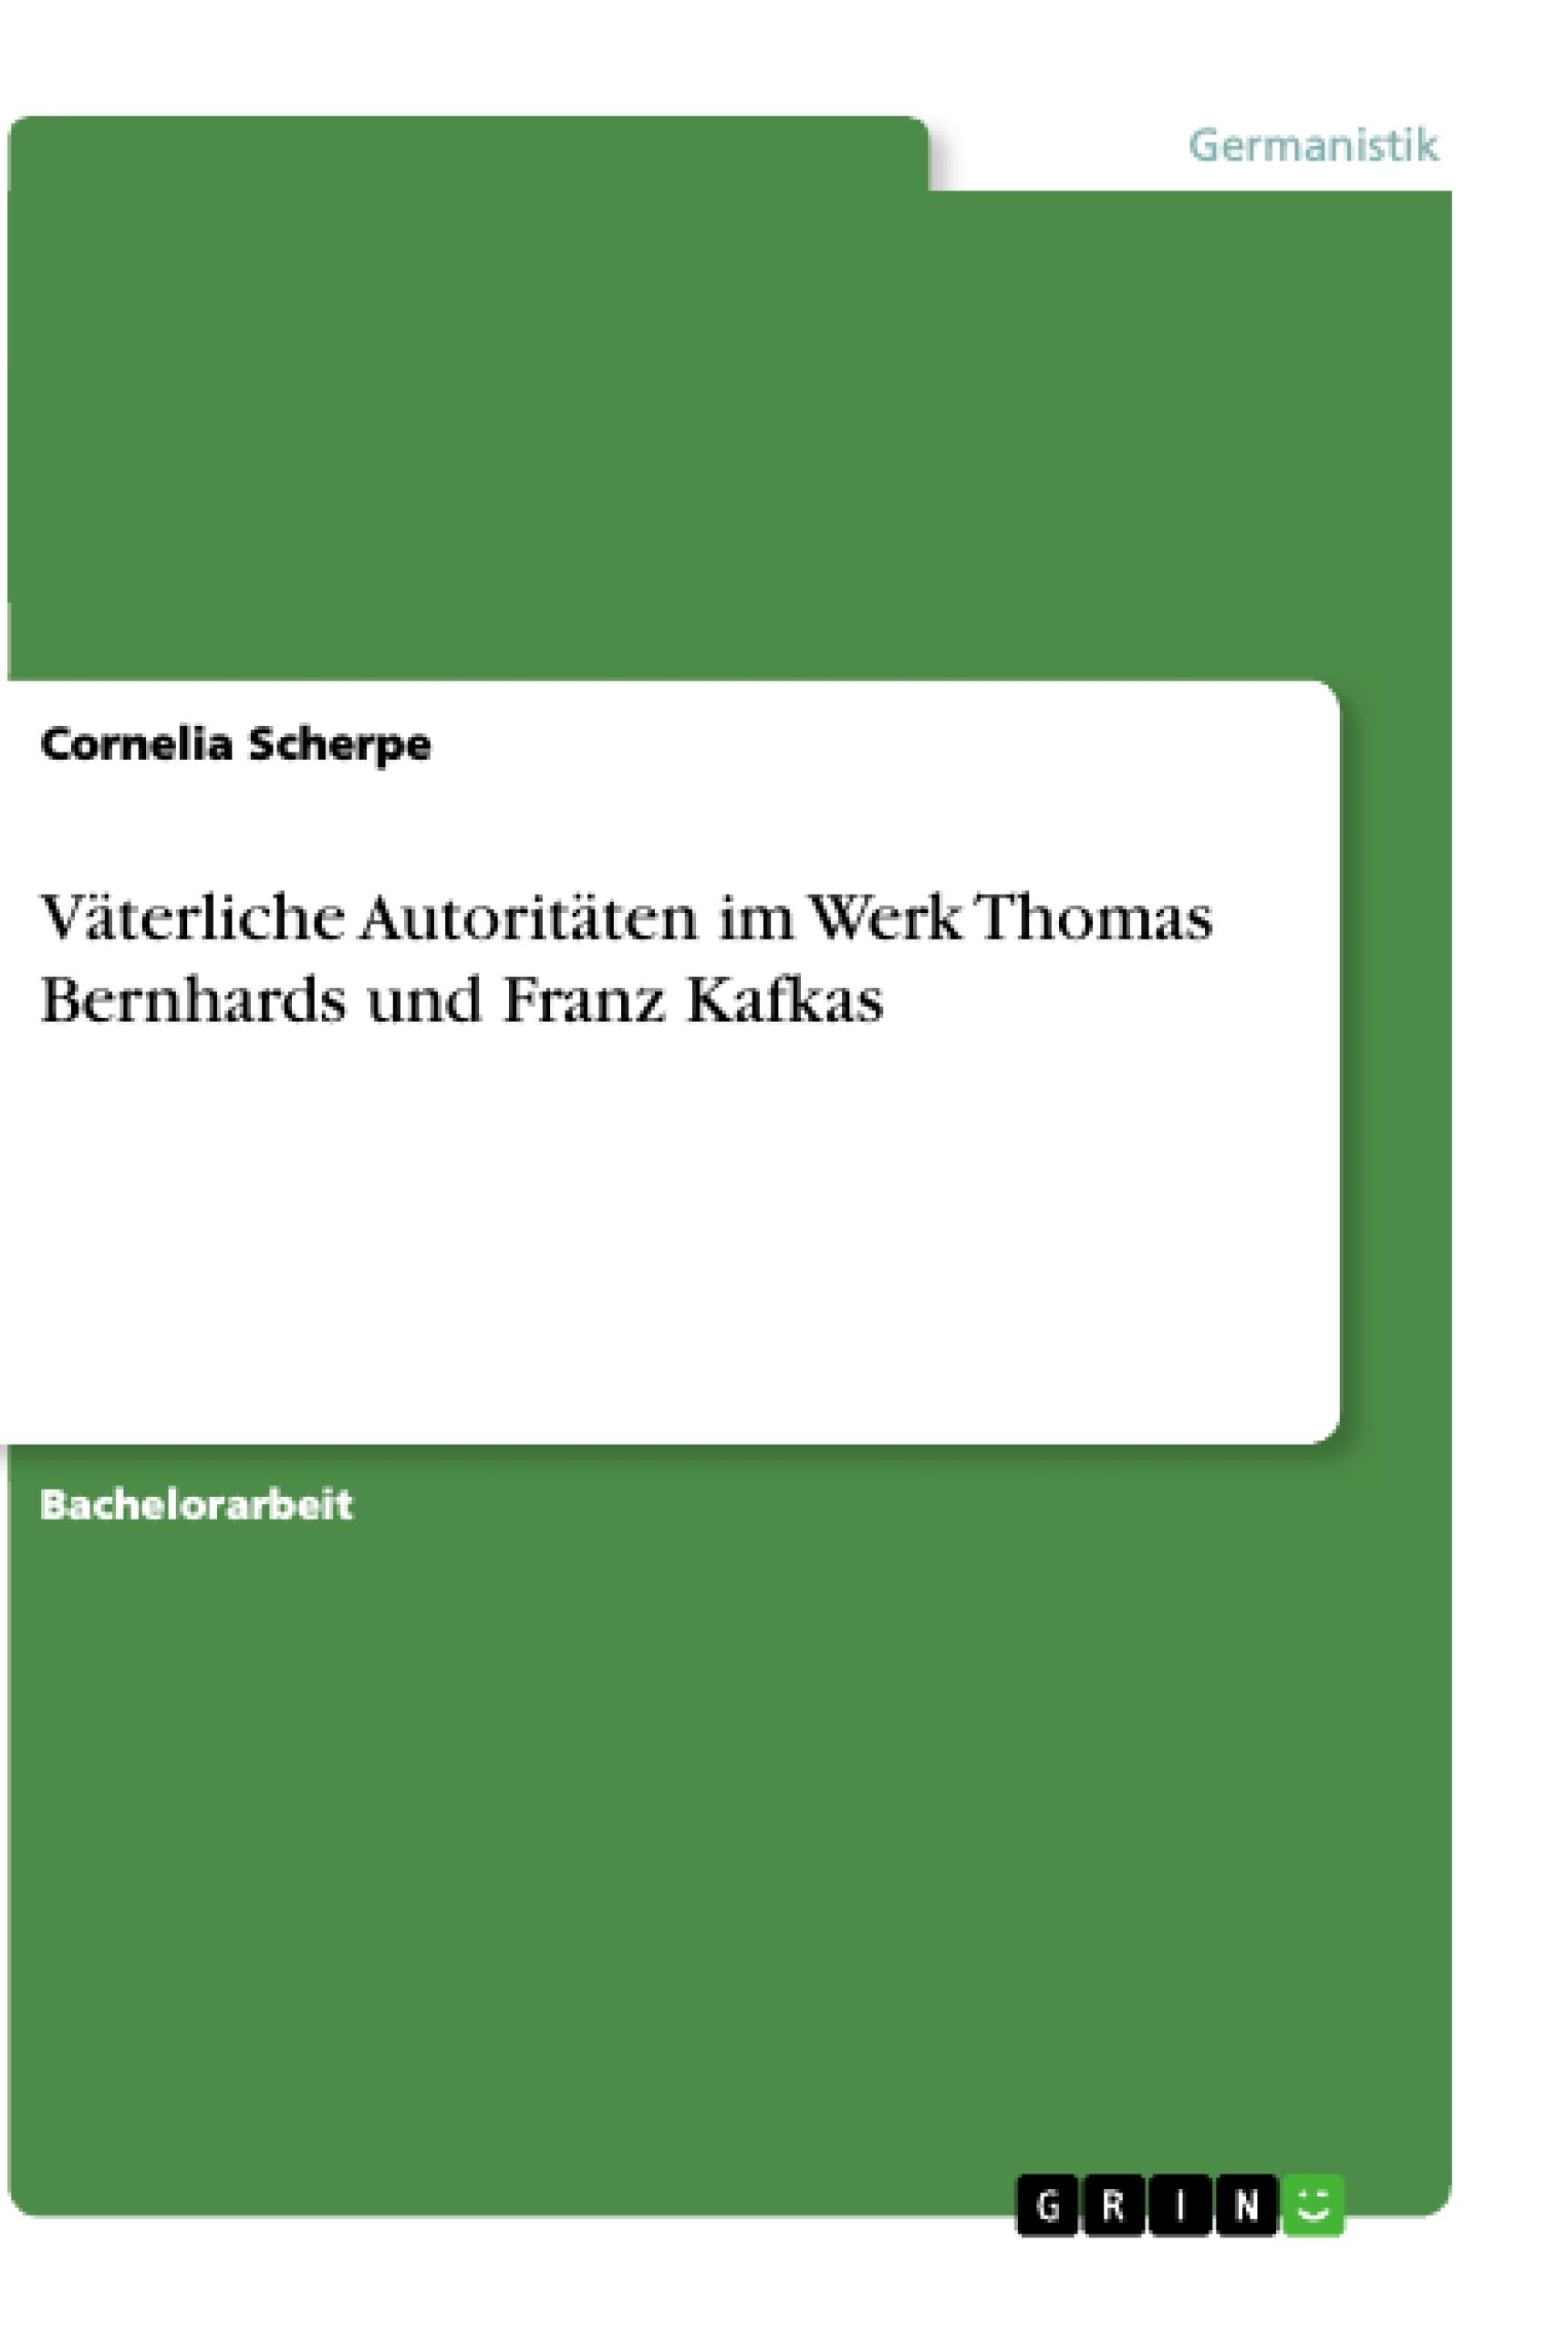 Titel: Väterliche Autoritäten im Werk Thomas Bernhards und Franz Kafkas